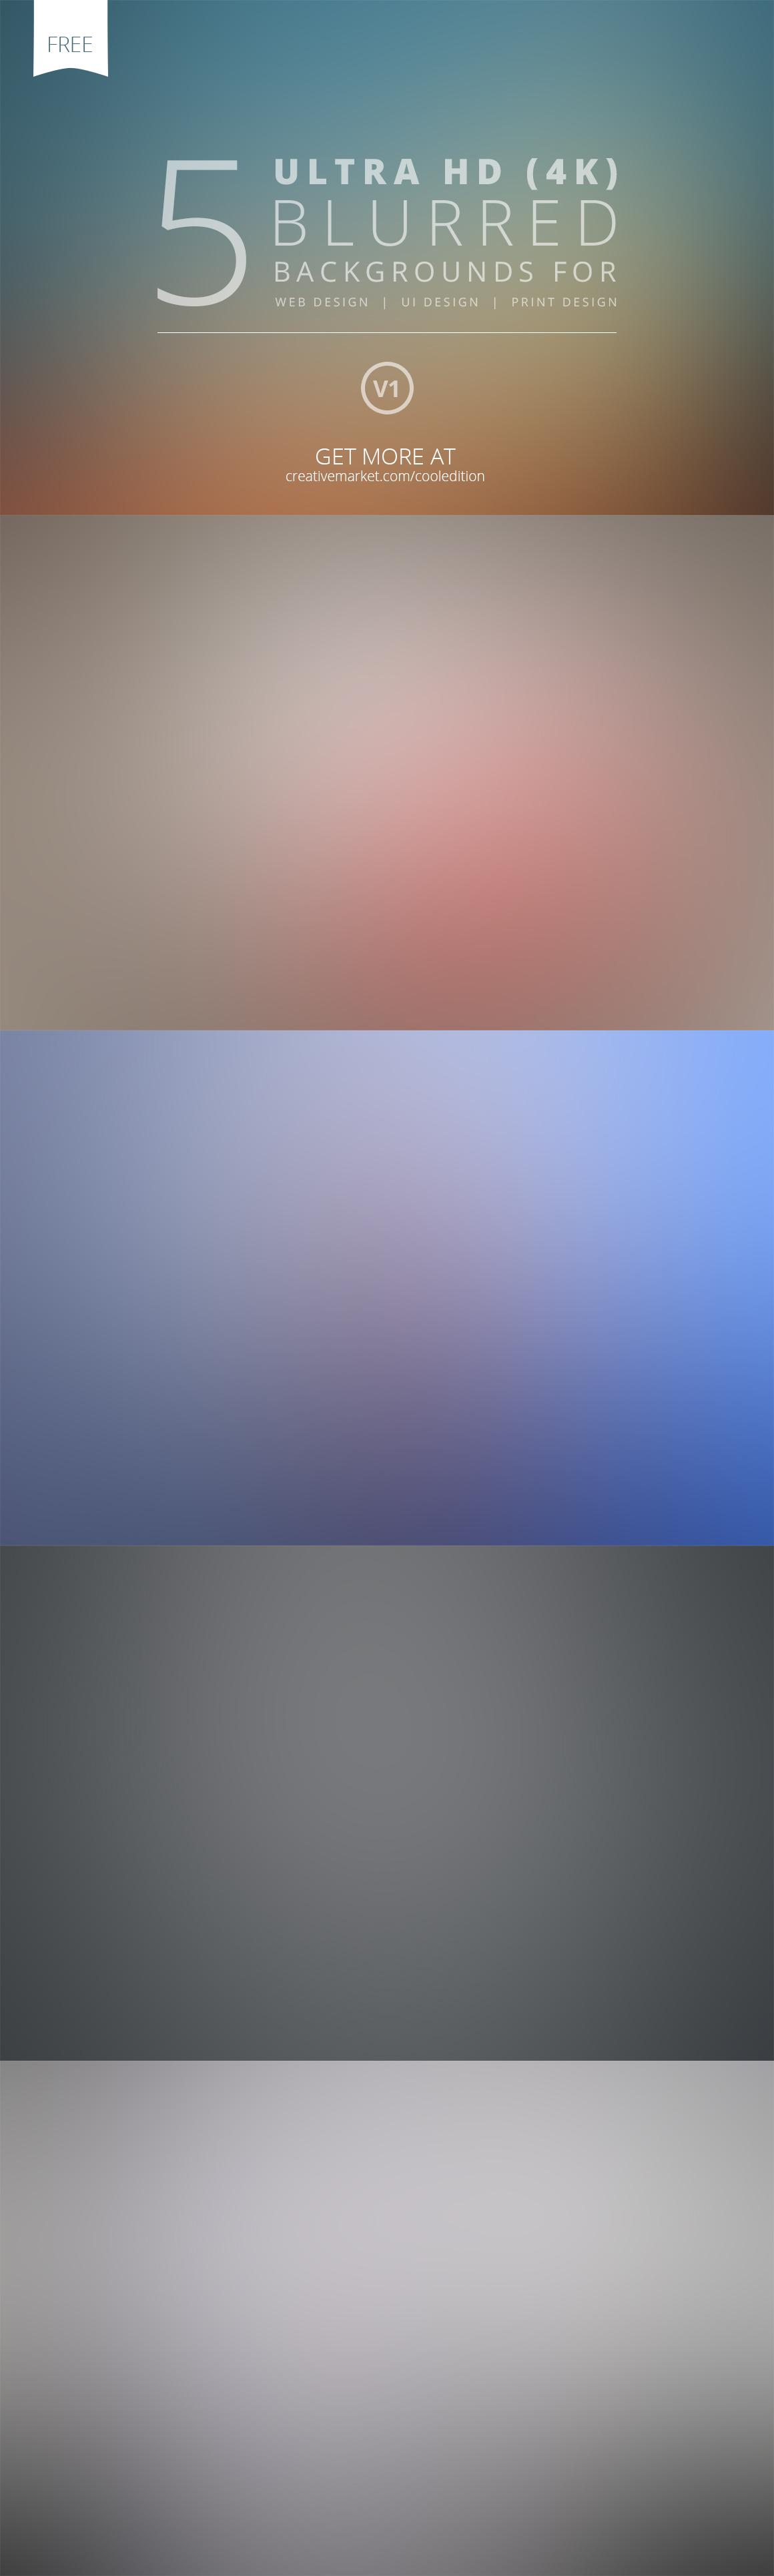 FREE - 5 Ultra HD Blurred Backgrounds v1 by cooledition.deviantart.com on @deviantART